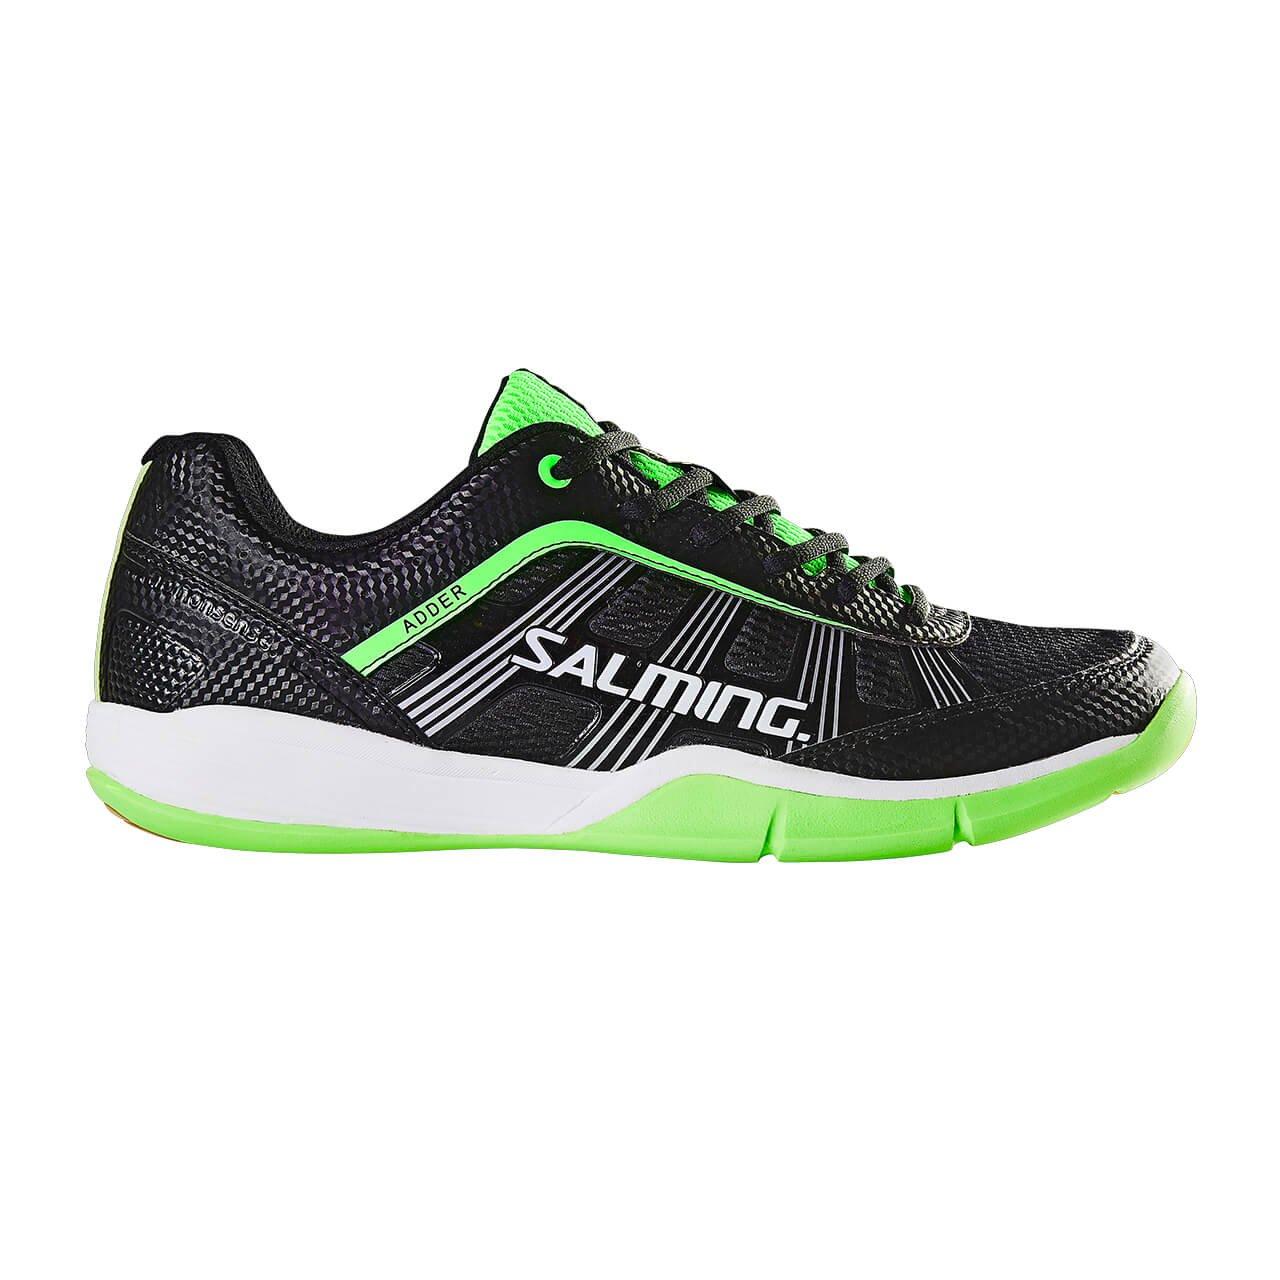 Chaussures Salming Adder Men noir/vert